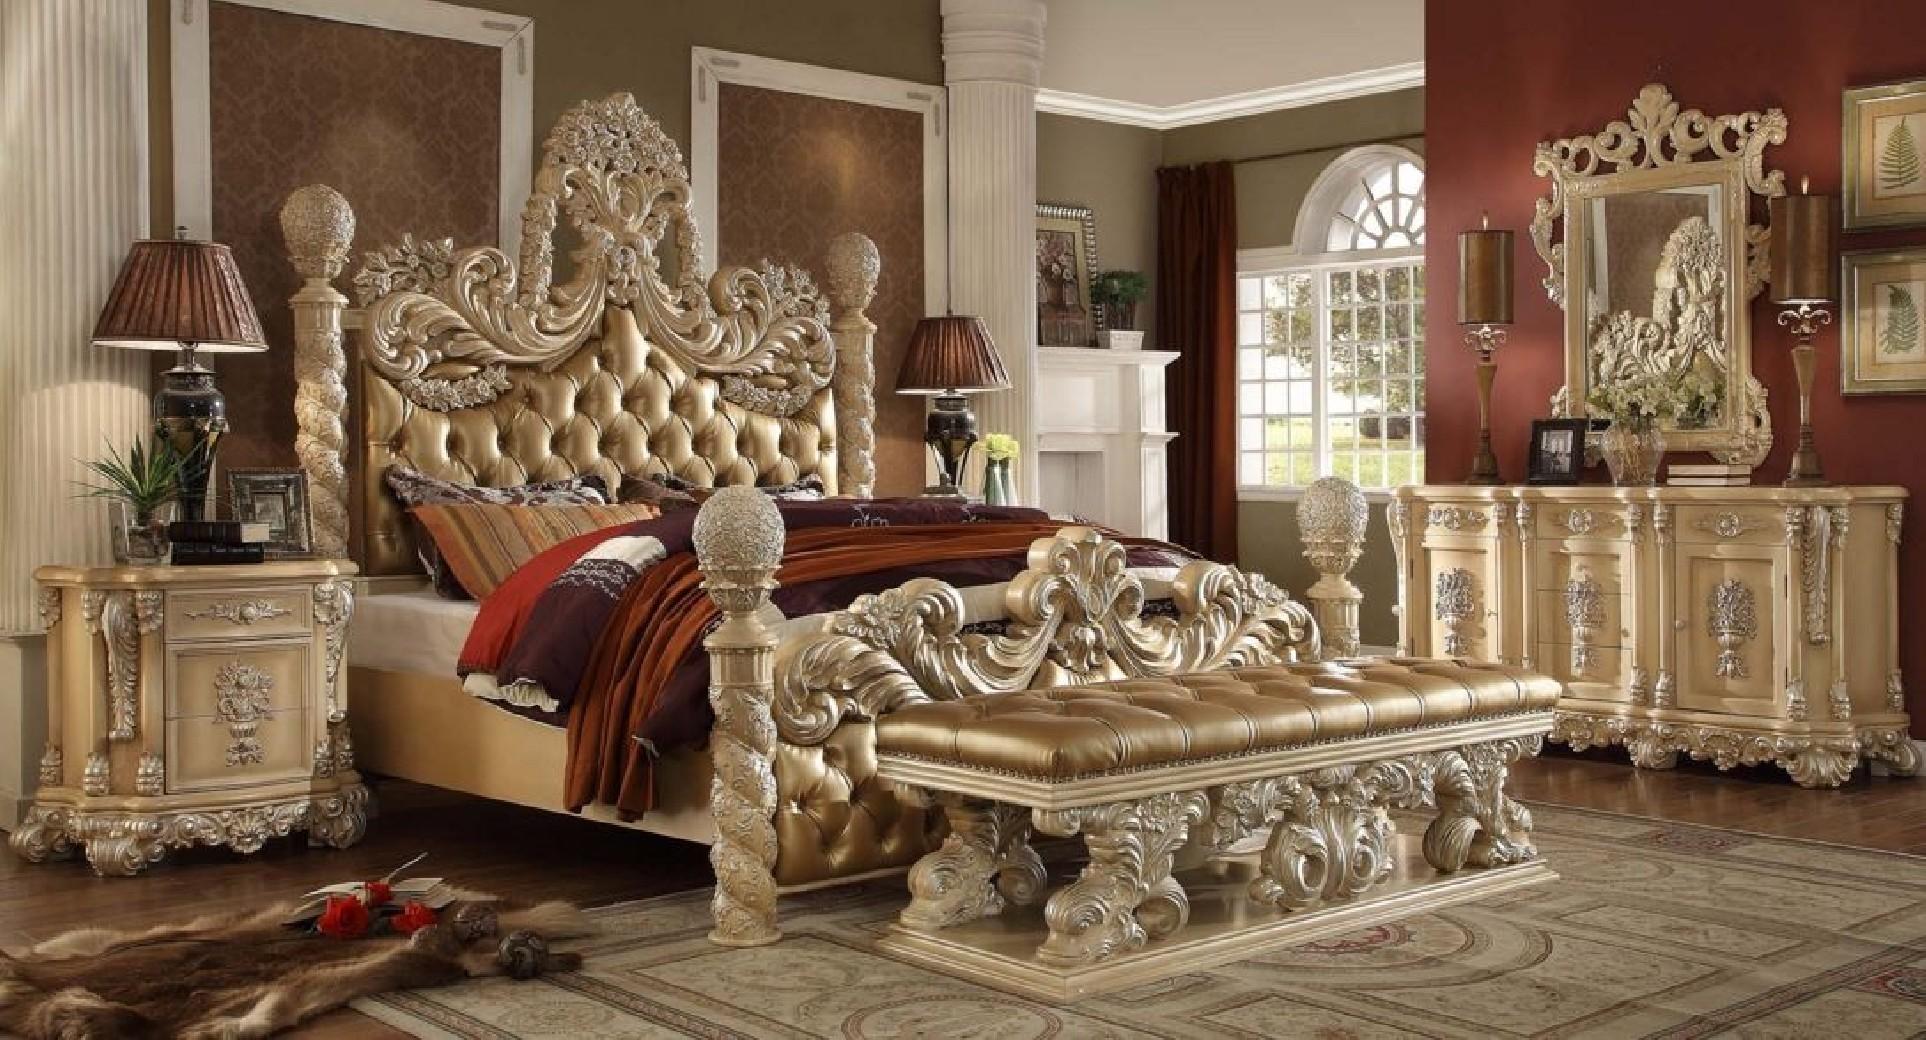 bedroom sofa hd 7266 homely design bedroom set victorian, european & classic design sofa ELJHHAV